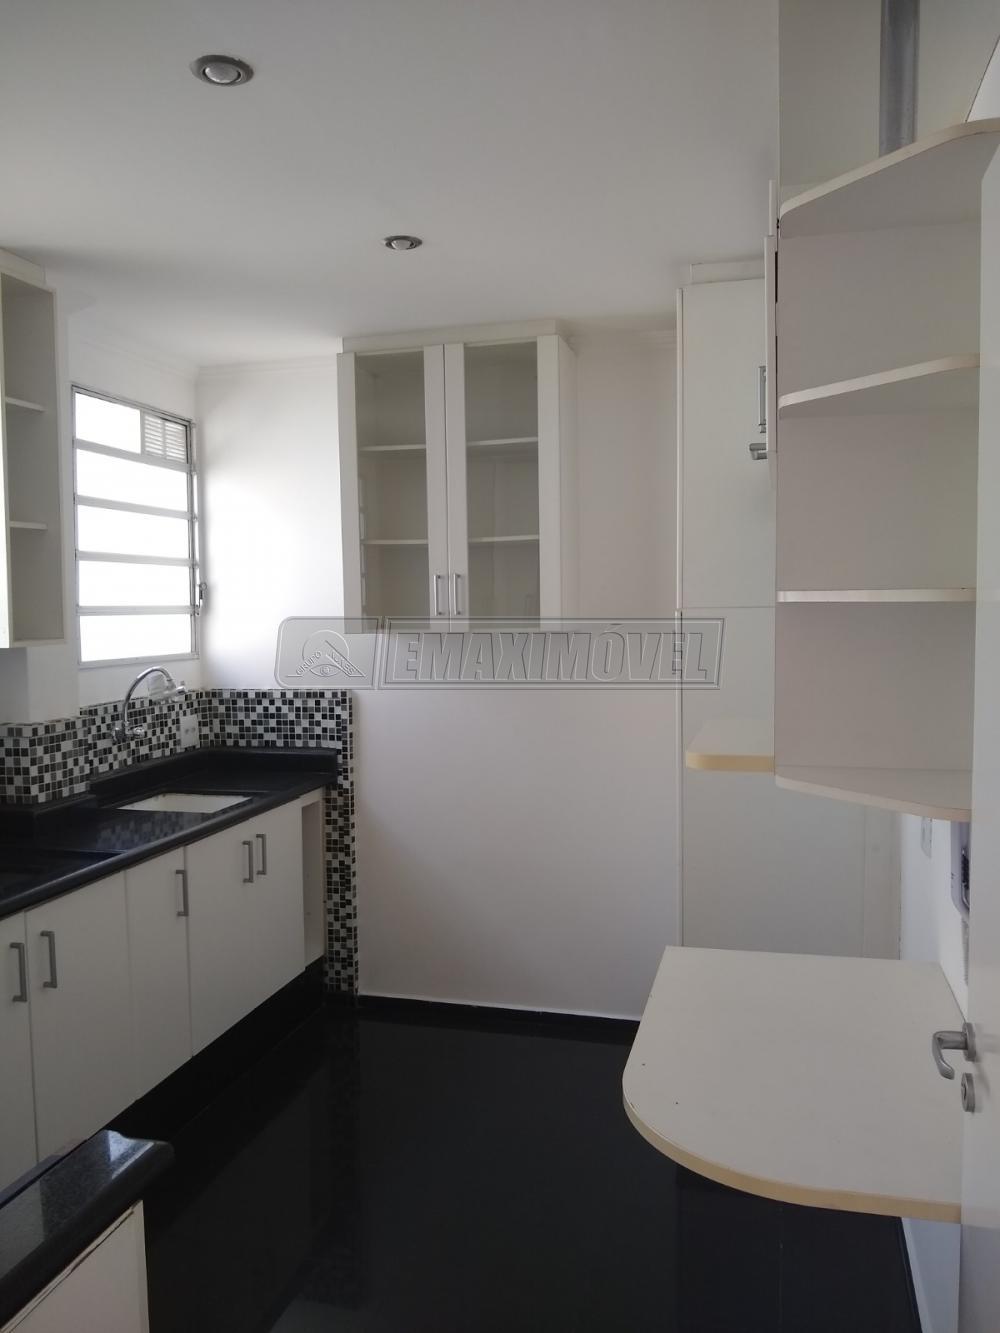 Comprar Apartamentos / Apto Padrão em Sorocaba apenas R$ 250.000,00 - Foto 2